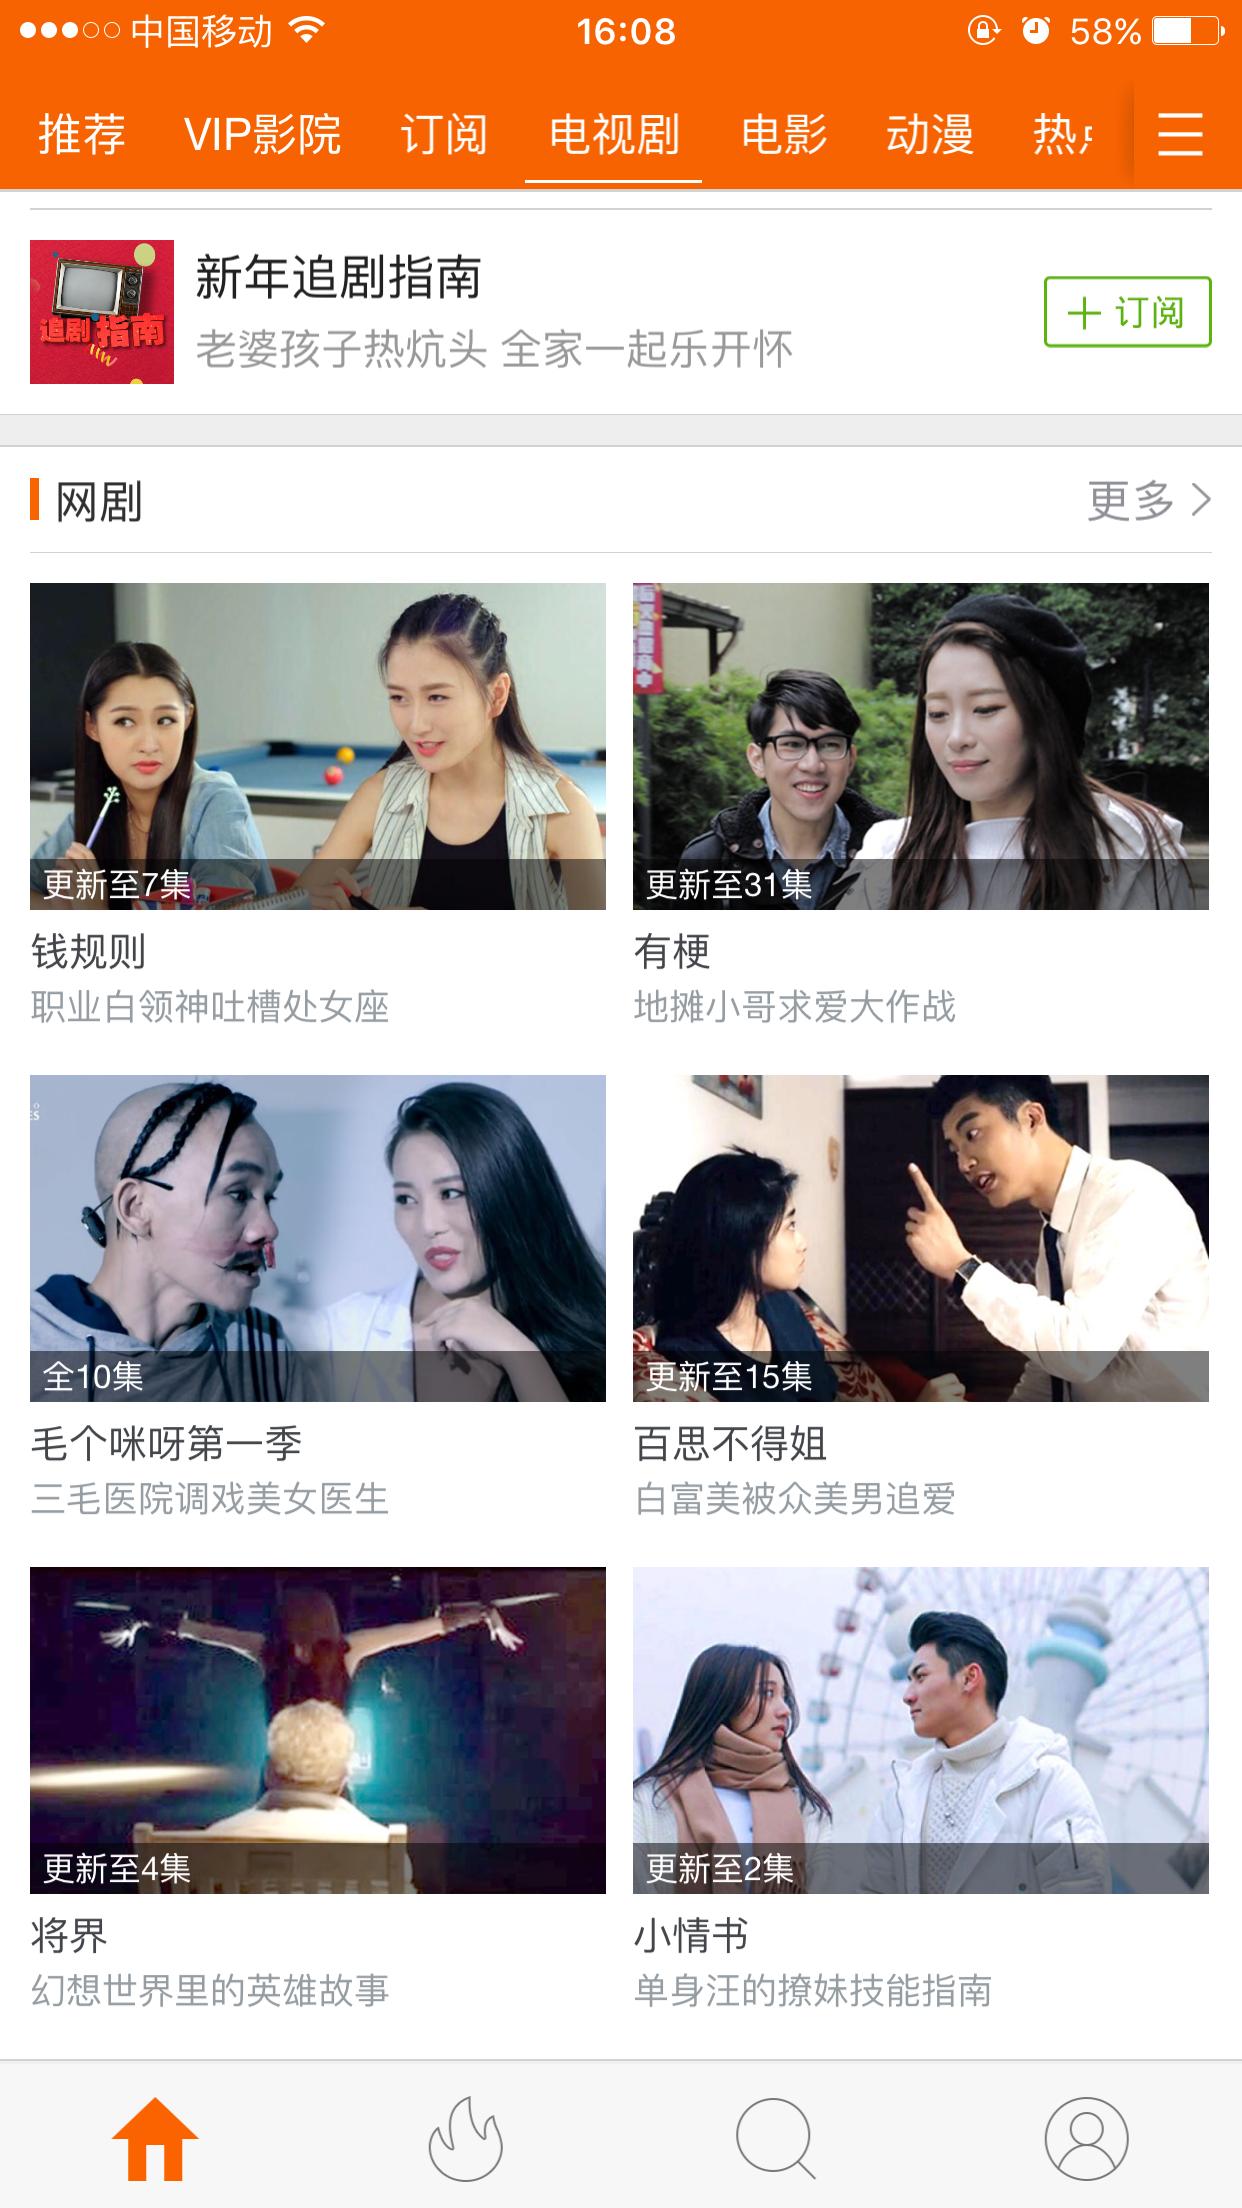 风行app电视剧频道 将界05